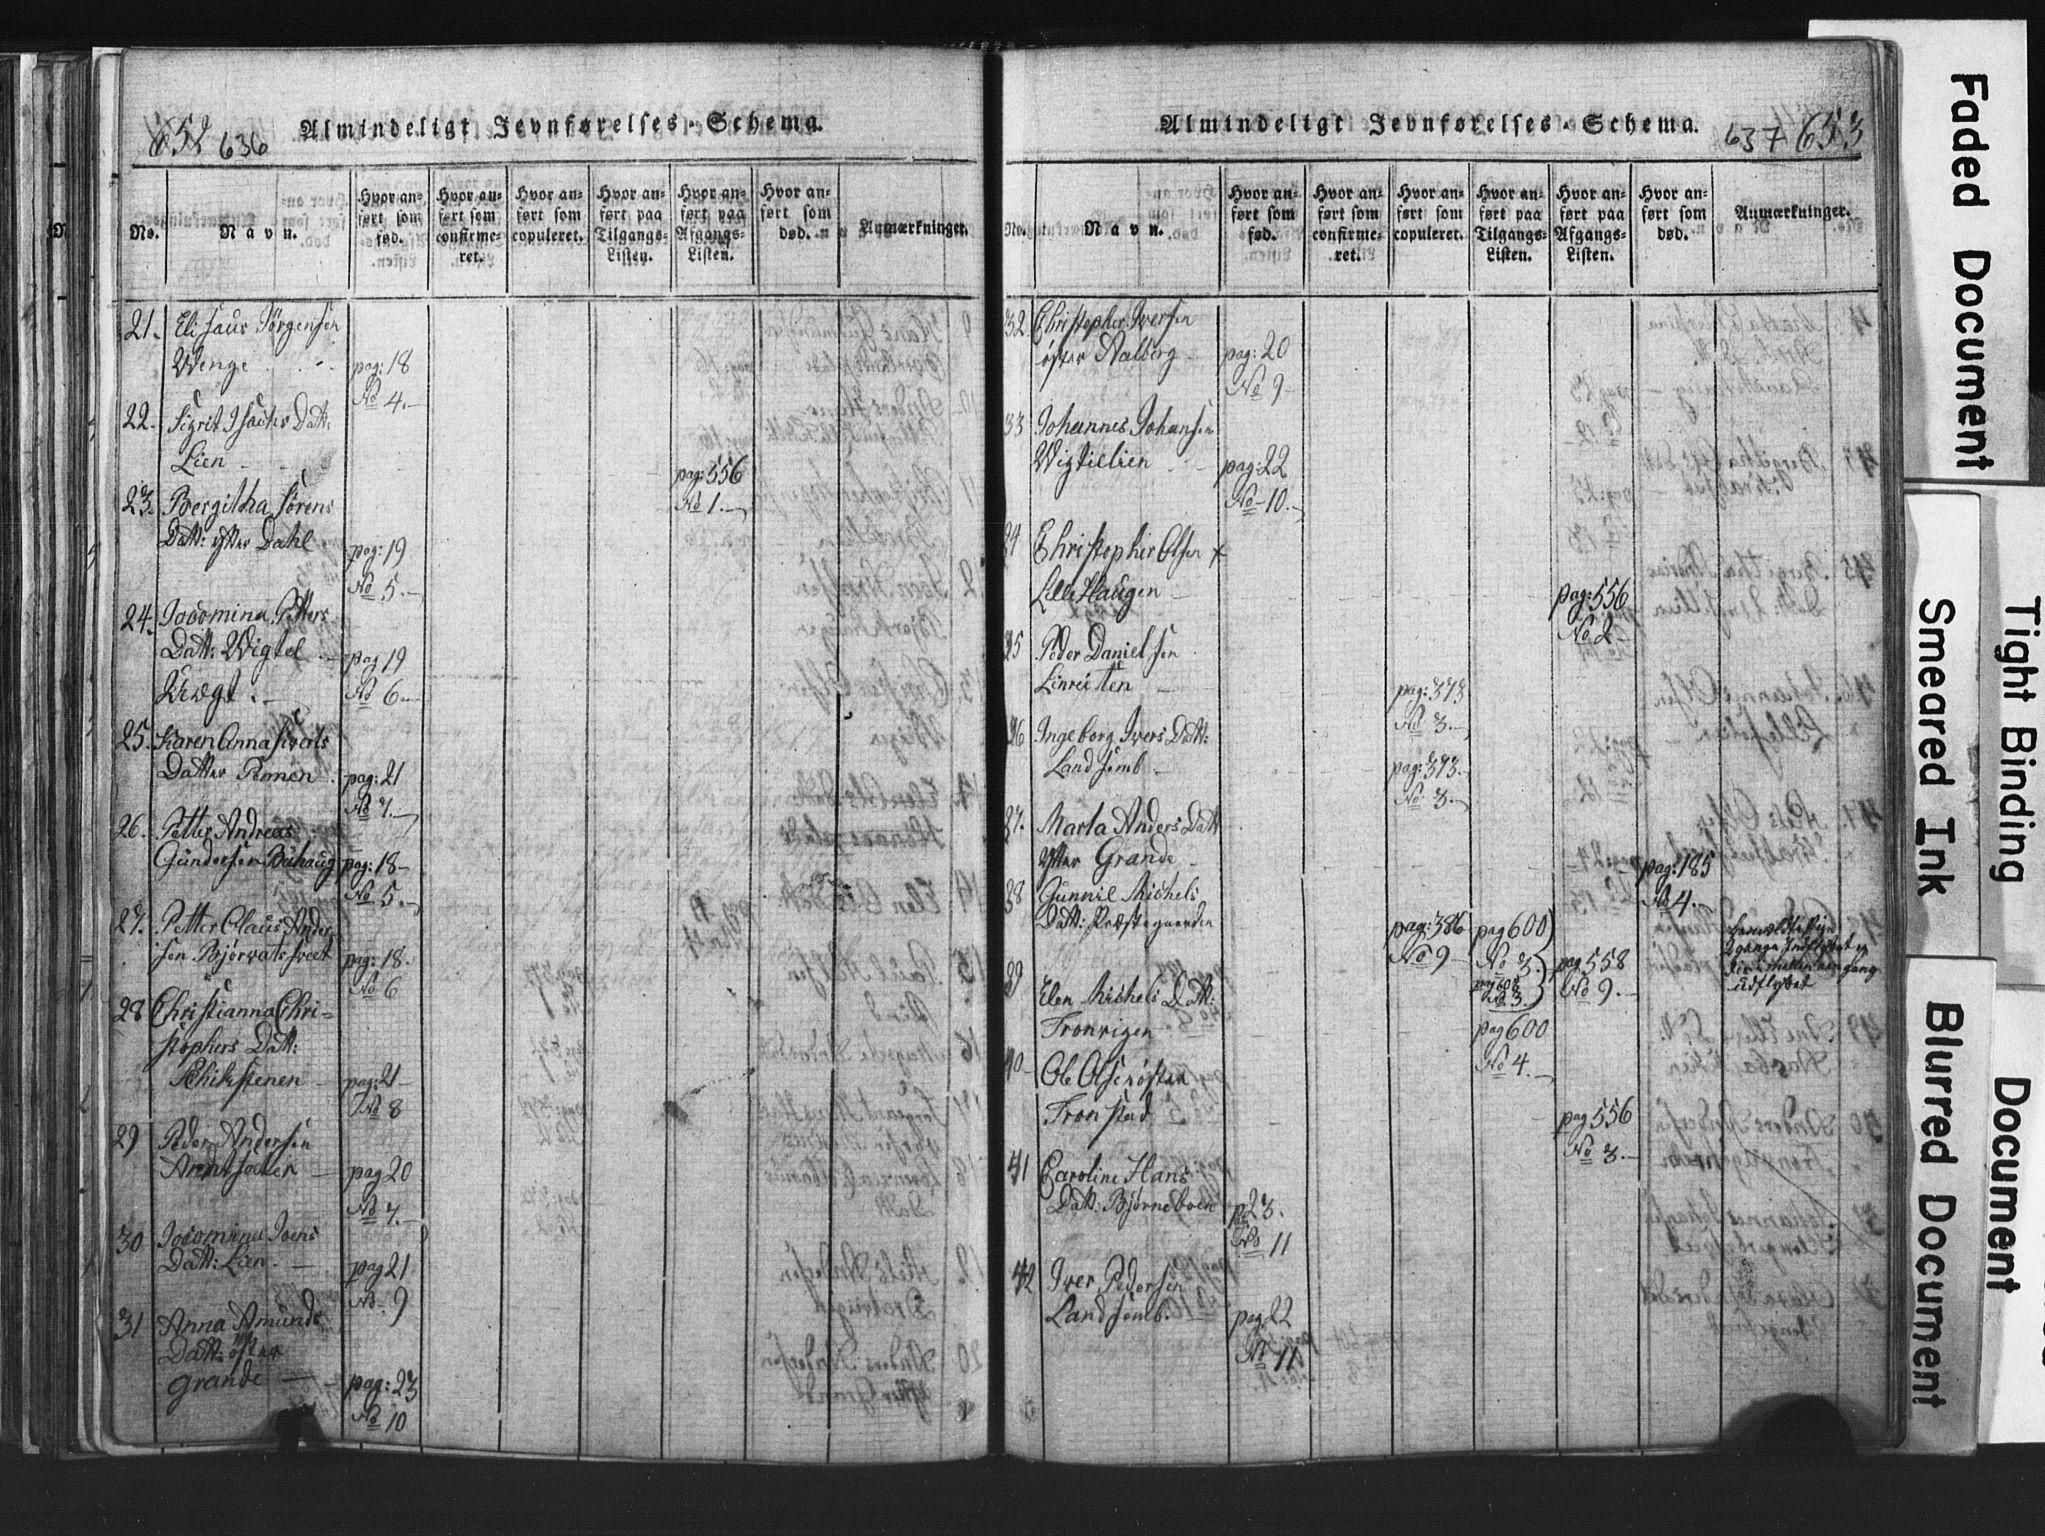 SAT, Ministerialprotokoller, klokkerbøker og fødselsregistre - Nord-Trøndelag, 701/L0017: Klokkerbok nr. 701C01, 1817-1825, s. 636-637